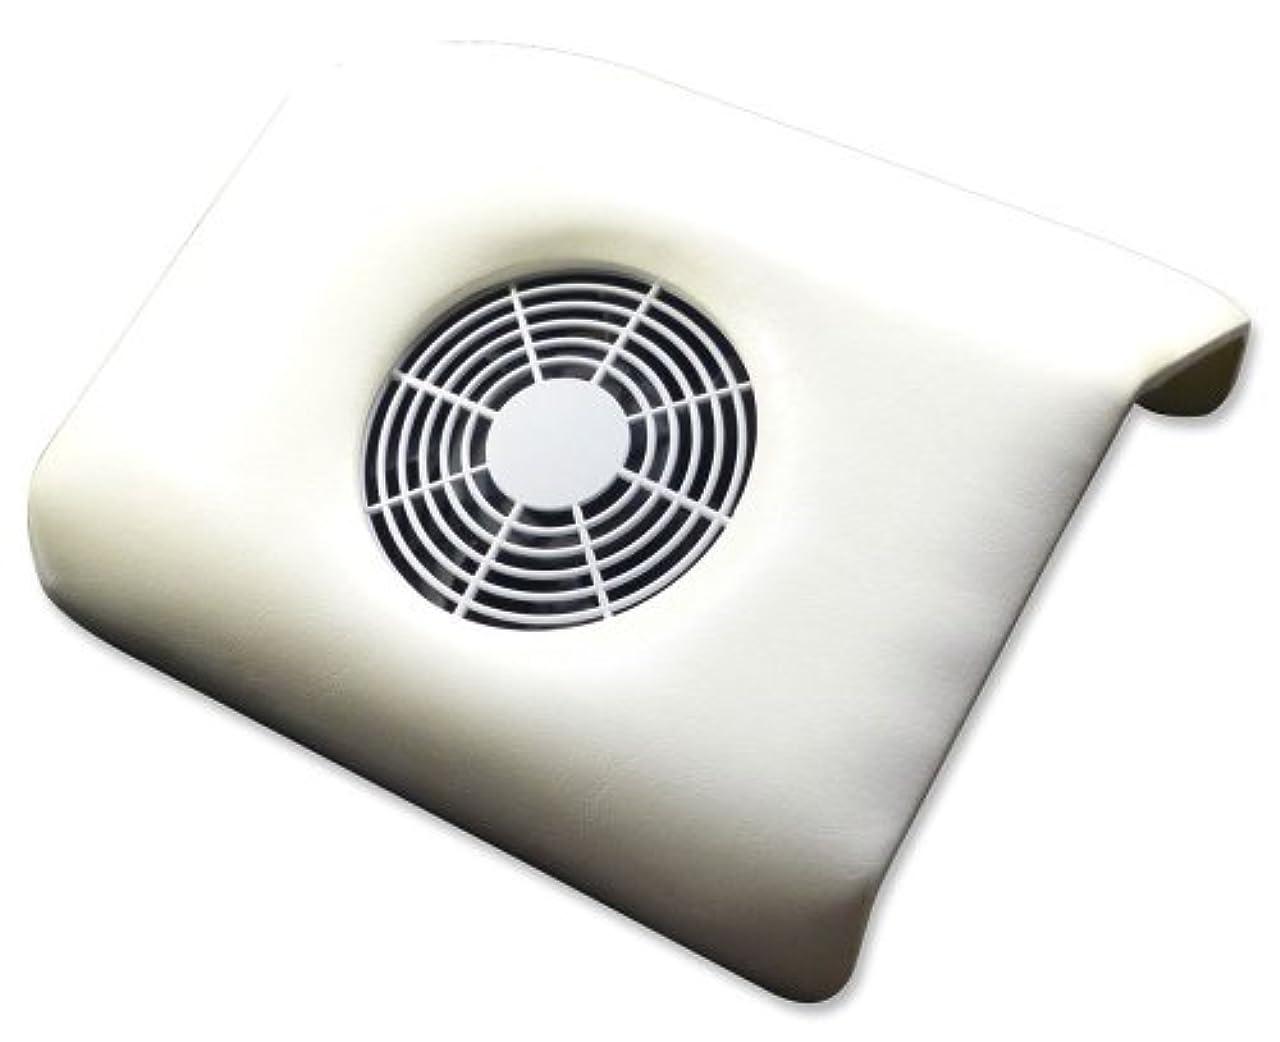 バンジージャンプ便利さ怪しいビューティーネイラー ジェルネイル ネイルダストコレクター ラージ DCL-W ホワイト